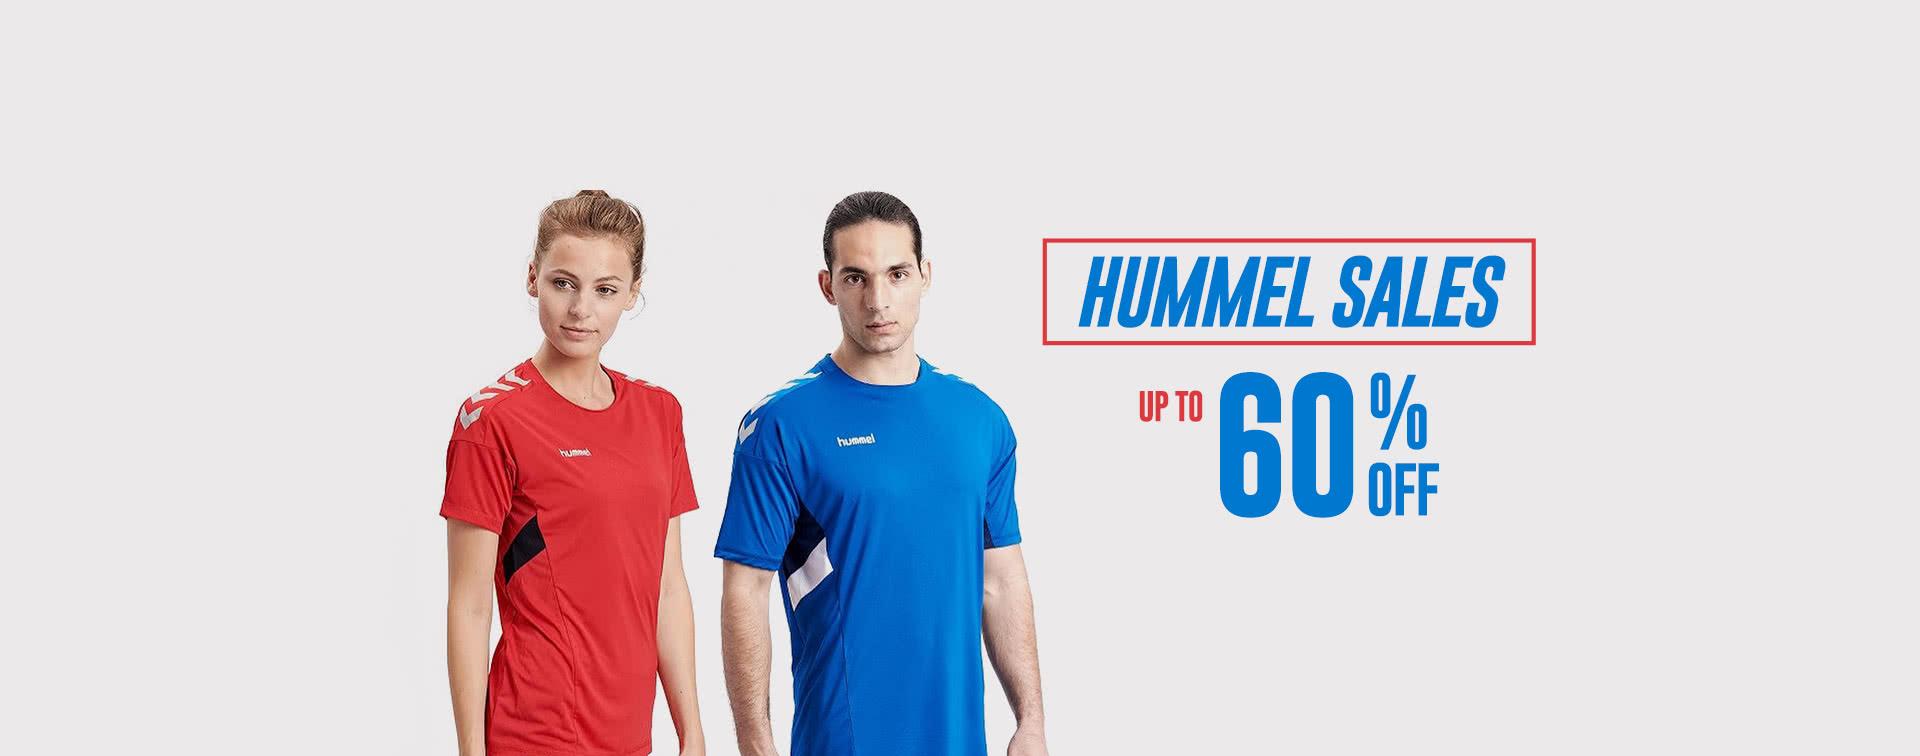 Handball brands Handball Store